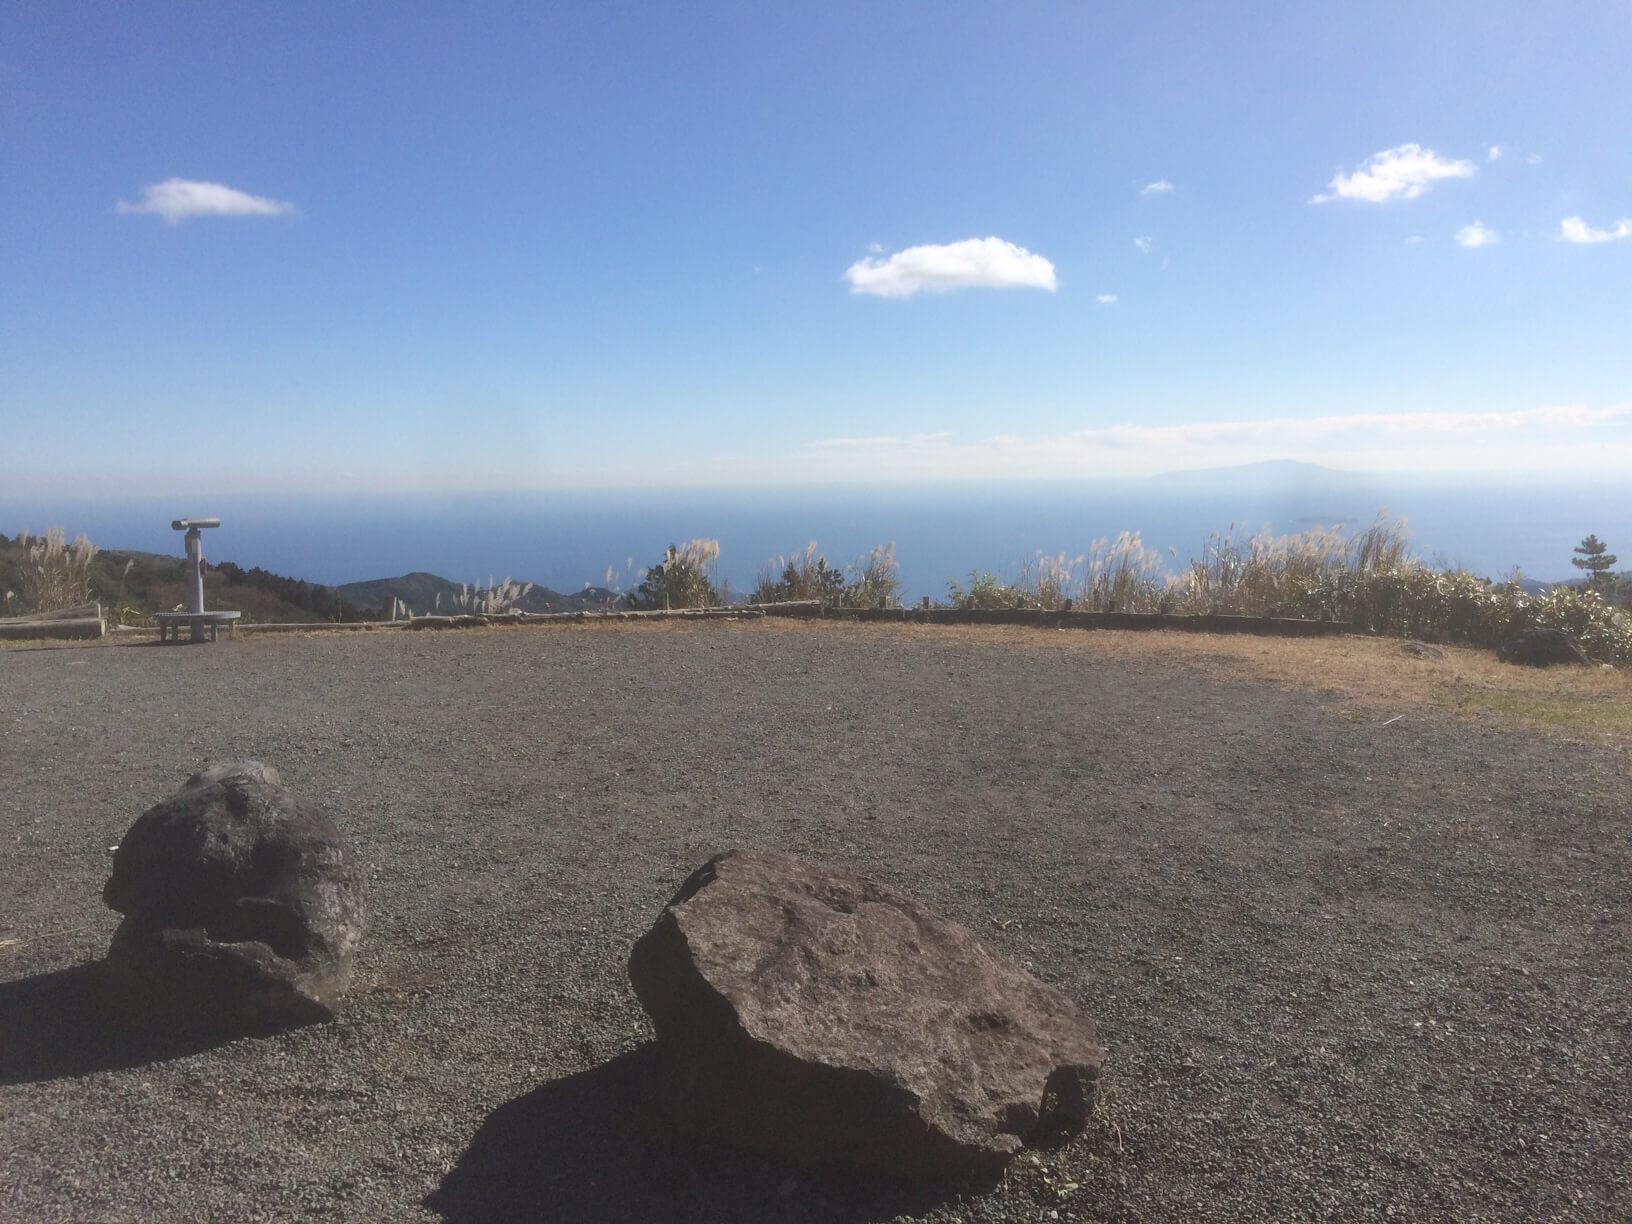 箱根ターンパイク休憩所